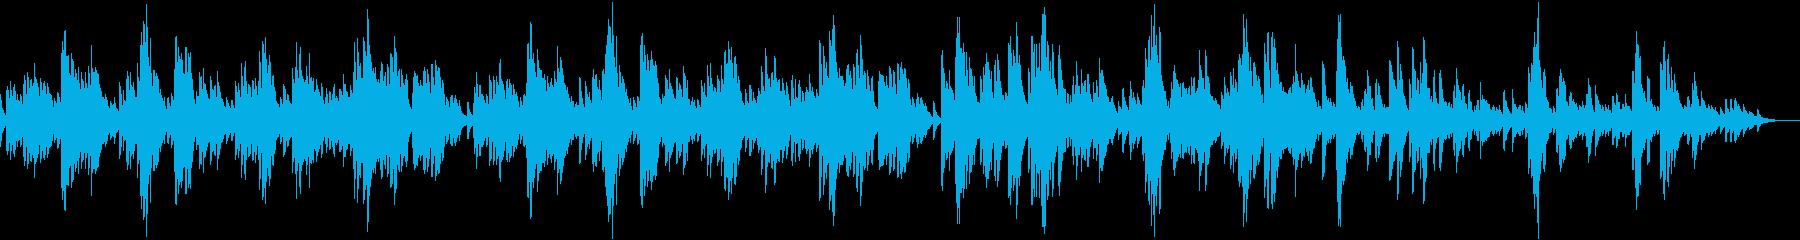 旋律の美しいゆっくりなピアノの曲の再生済みの波形